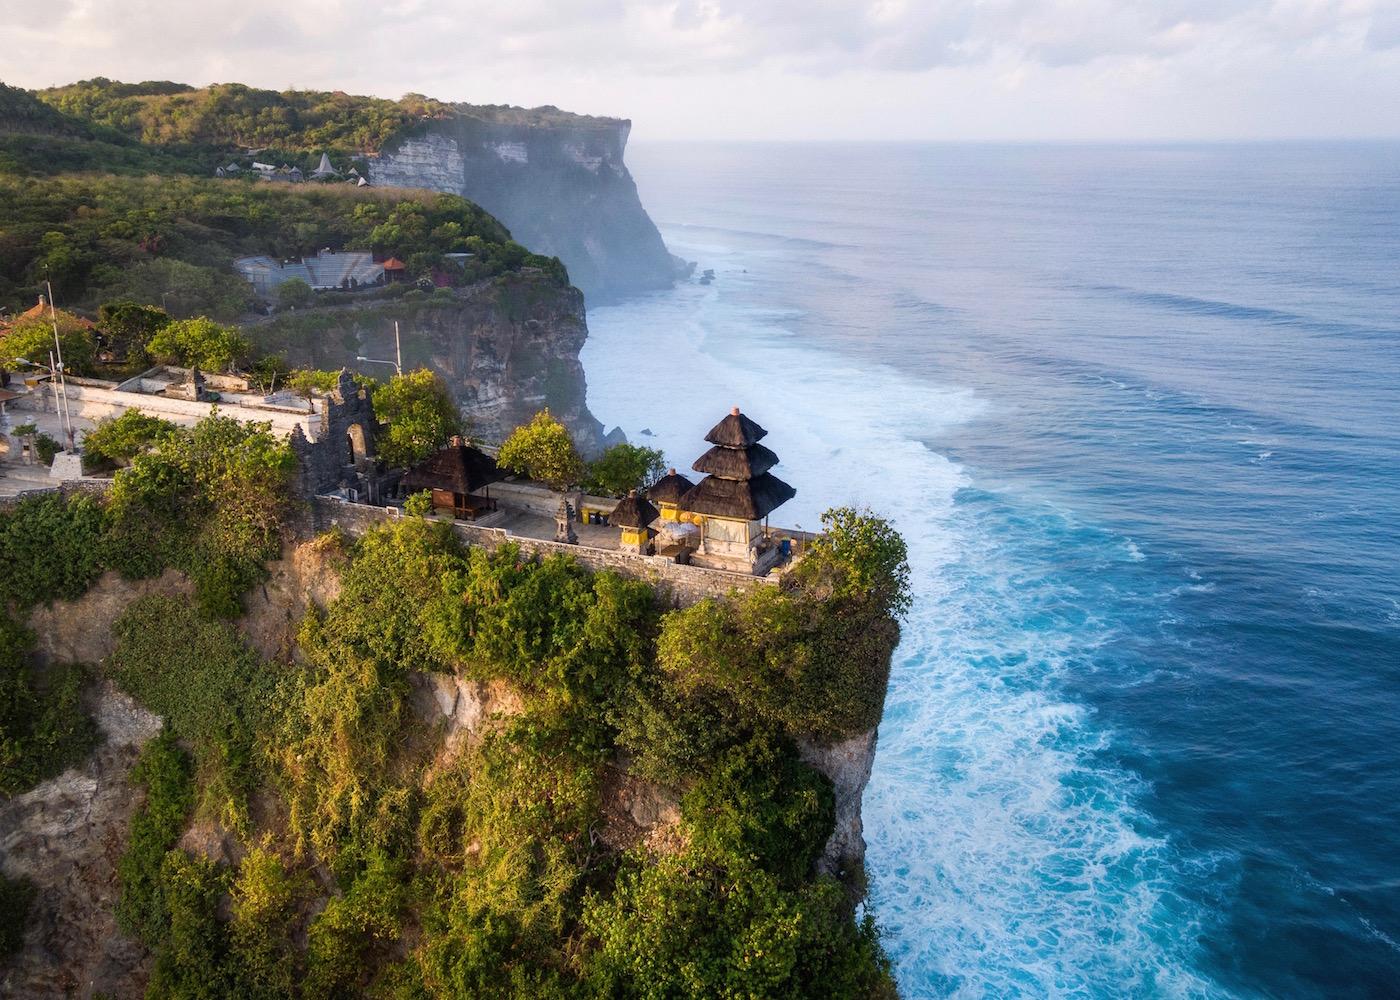 Pura Luhur Uluwatu - a clifftop temple in Bali, Indonesia